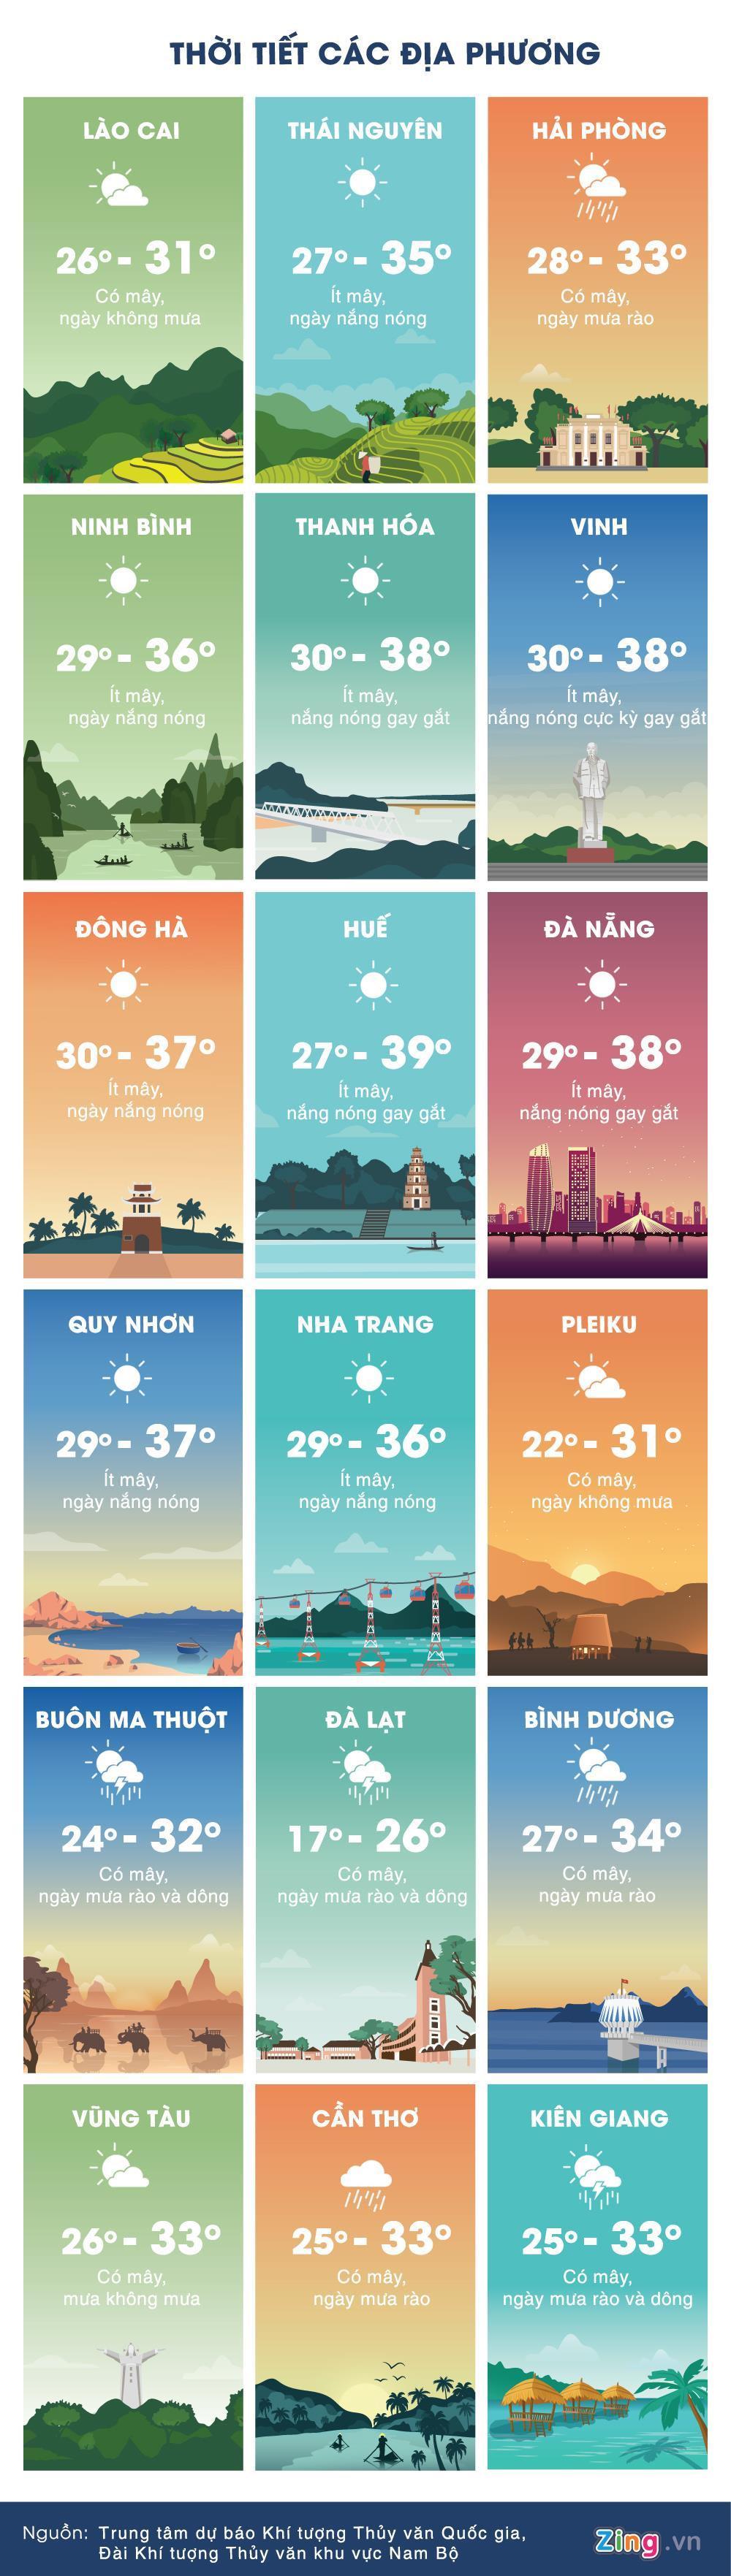 Thời tiết ngày 13/6: Bắc Bộ mưa, Trung Bộ nắng nóng gay gắt Ảnh 3